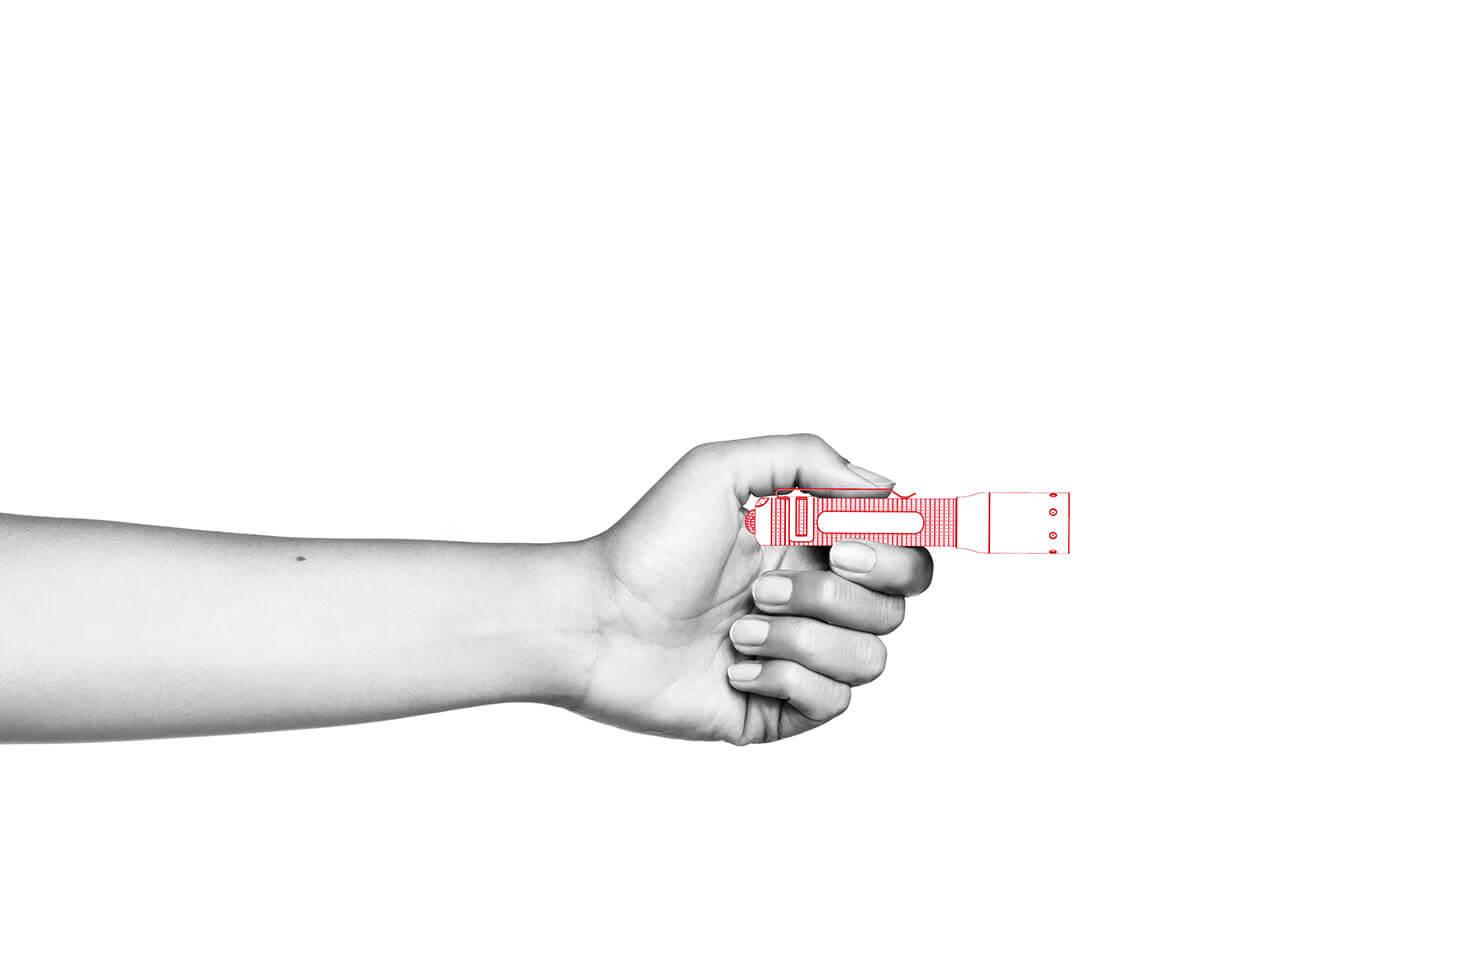 Đèn Pin Cầm Tay LEDLENSER P3R (Mới)